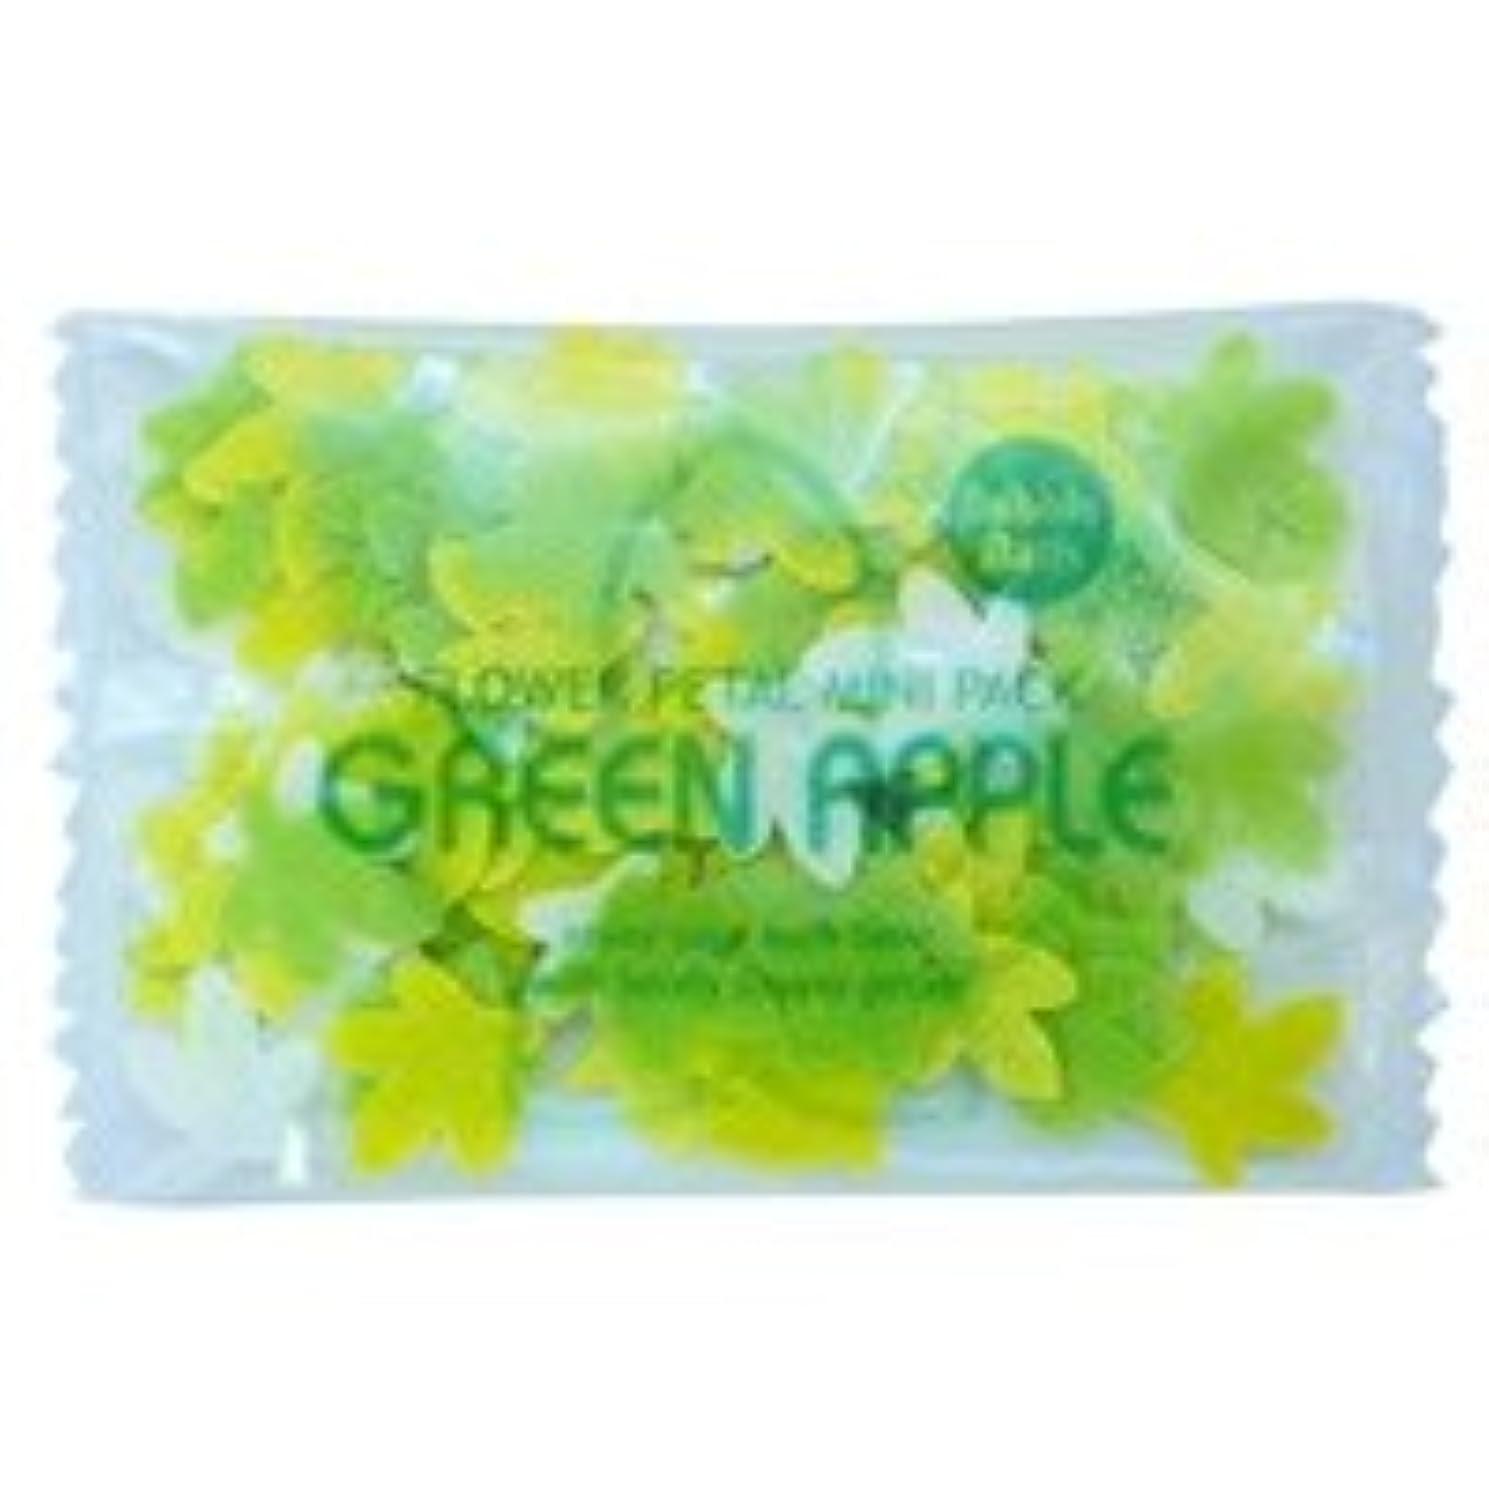 ただやる未払い発疹フラワーペタル バブルバス ミニパック「グリーンアップル」20個セット ストレスから解放されたい日に疲れた心を解きほぐしてくれるフレッシュなグリーンアップルの香り